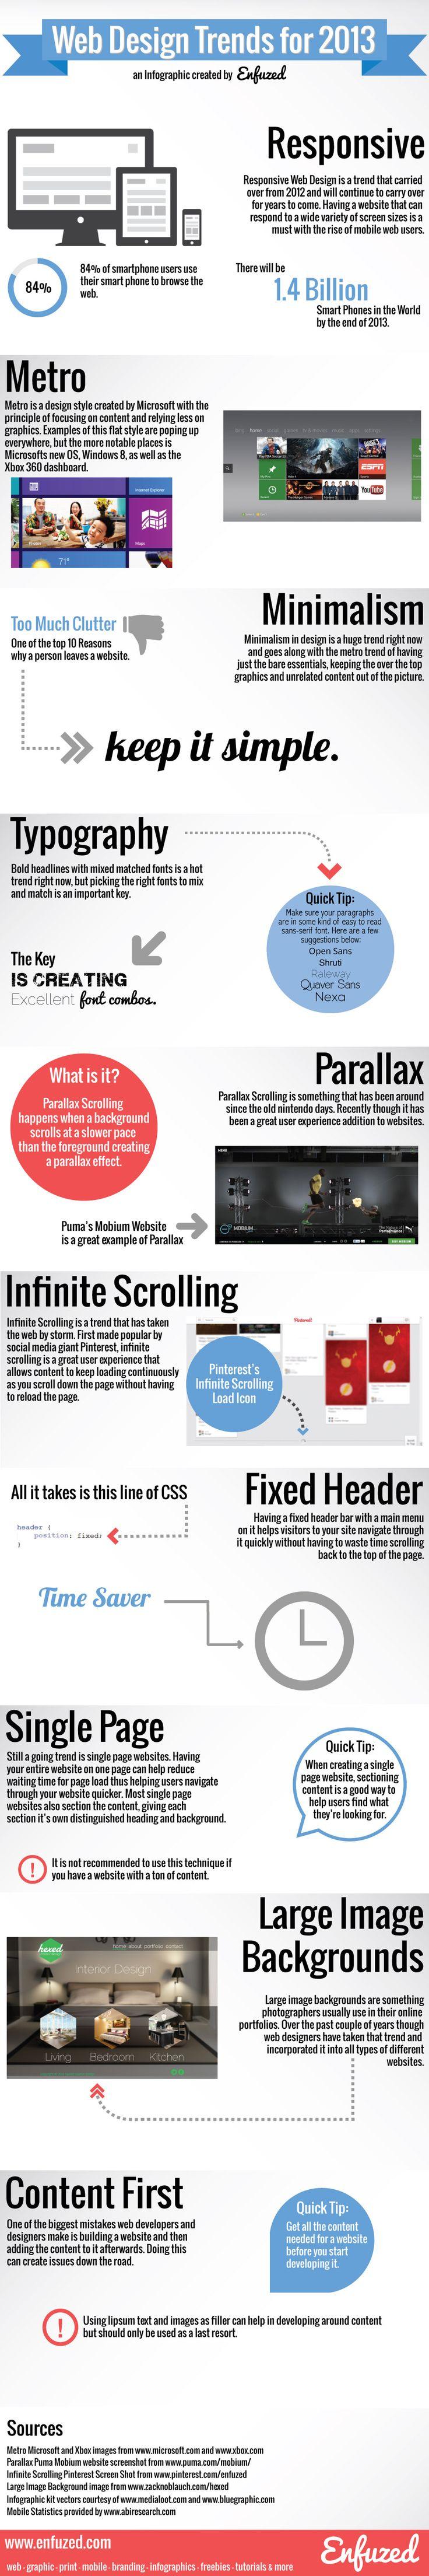 The Web Design Trends of 2013 infographic via DesignTAXI